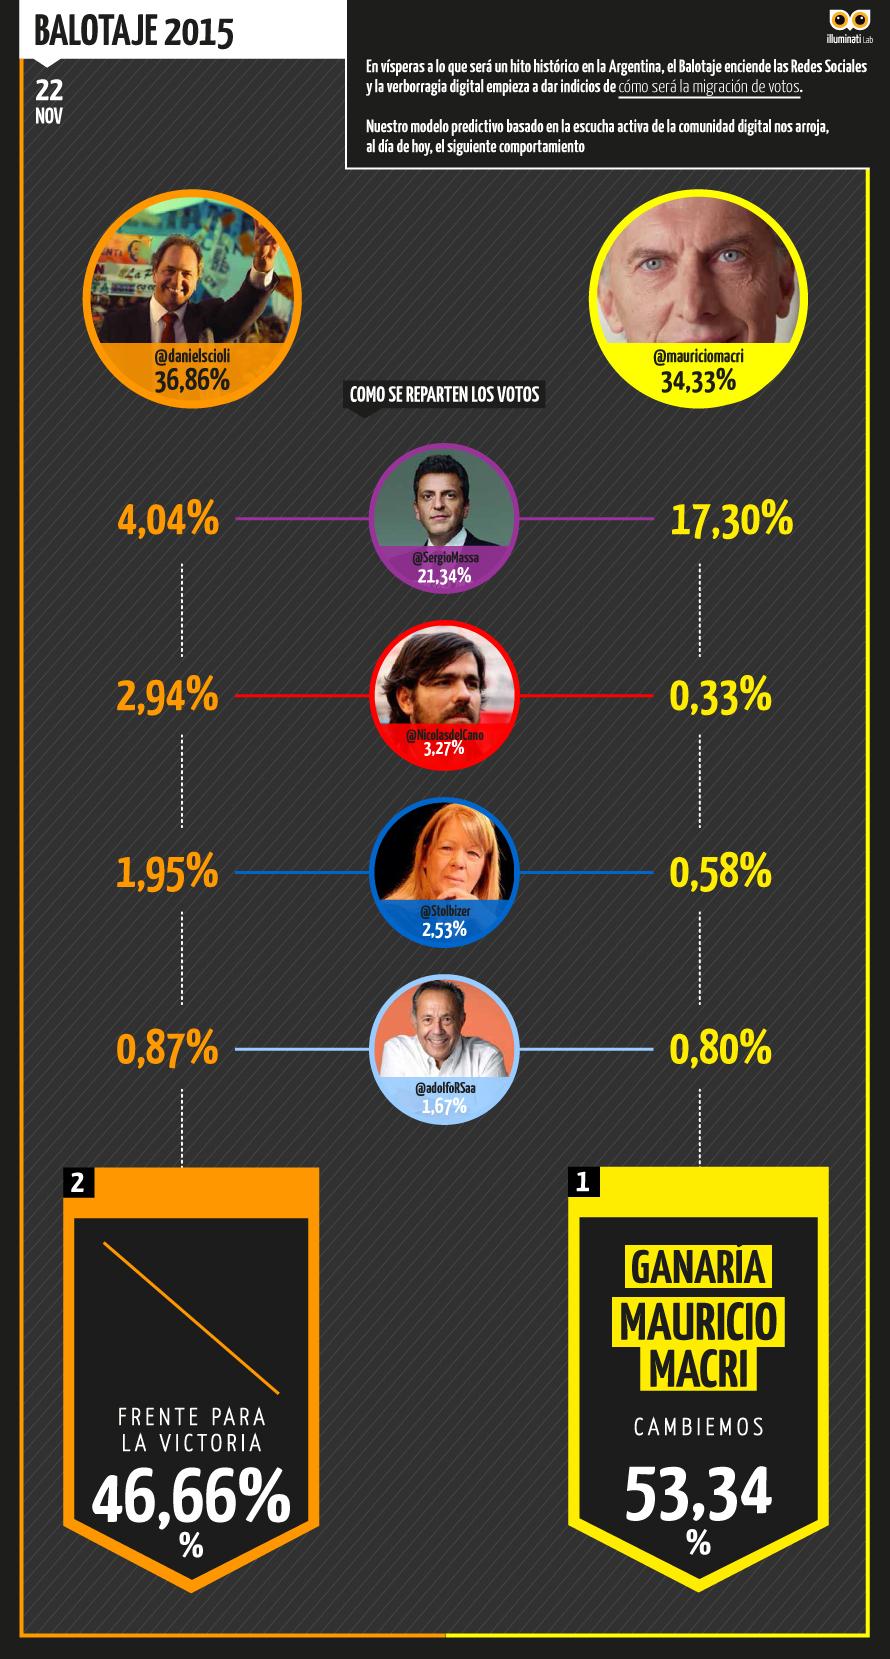 Infografia_Votos_Repartidos_Ballotage